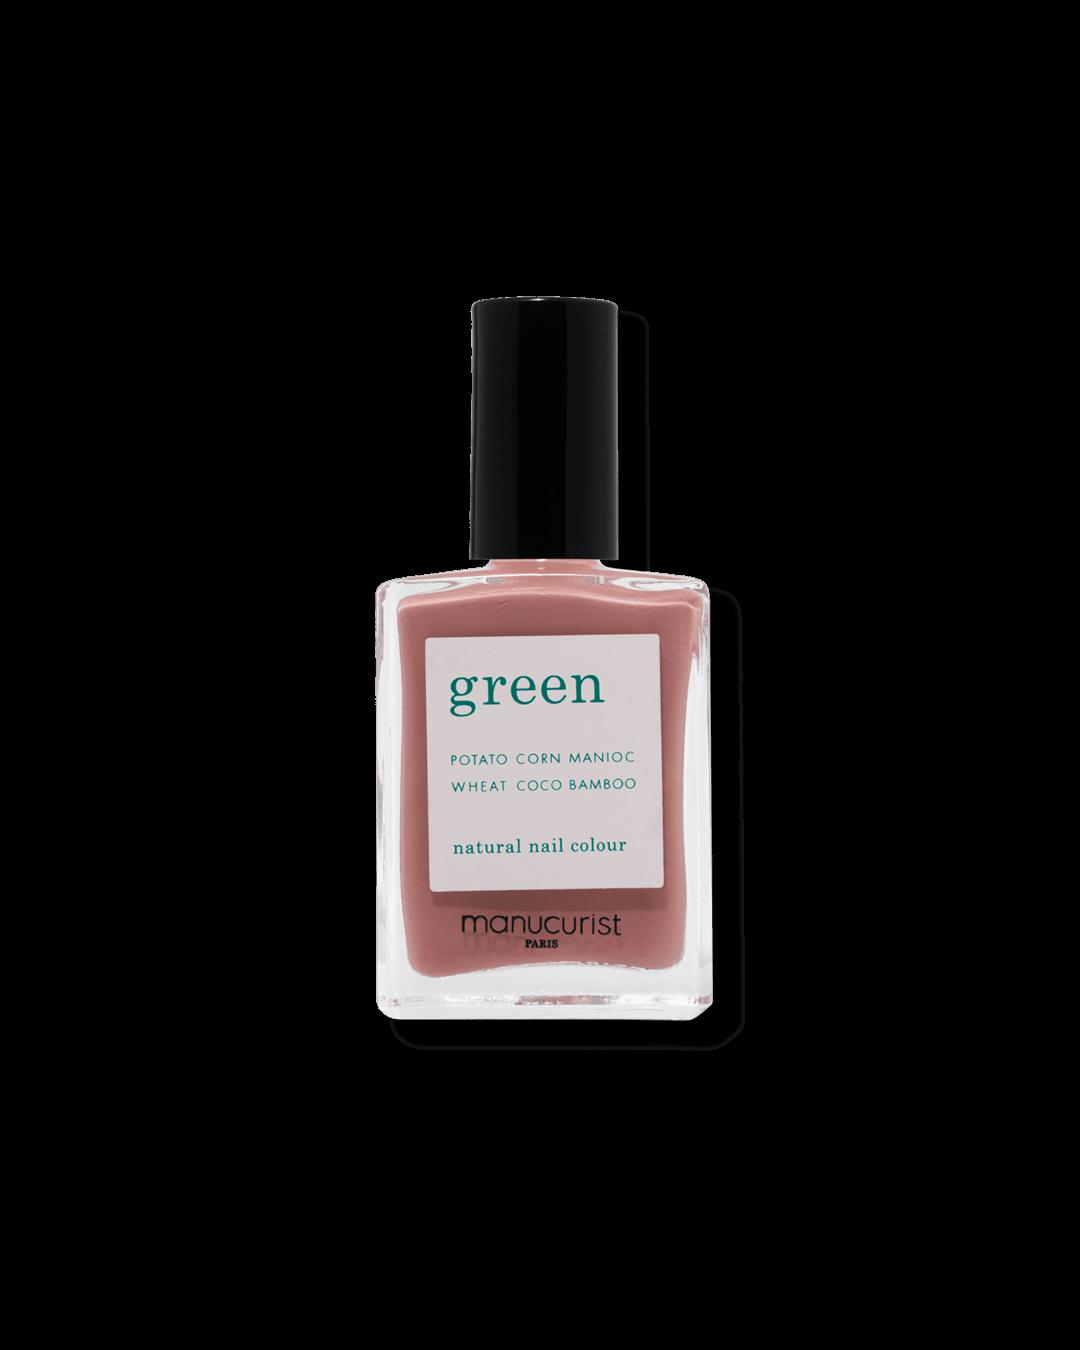 Vernis Green - Old Rose